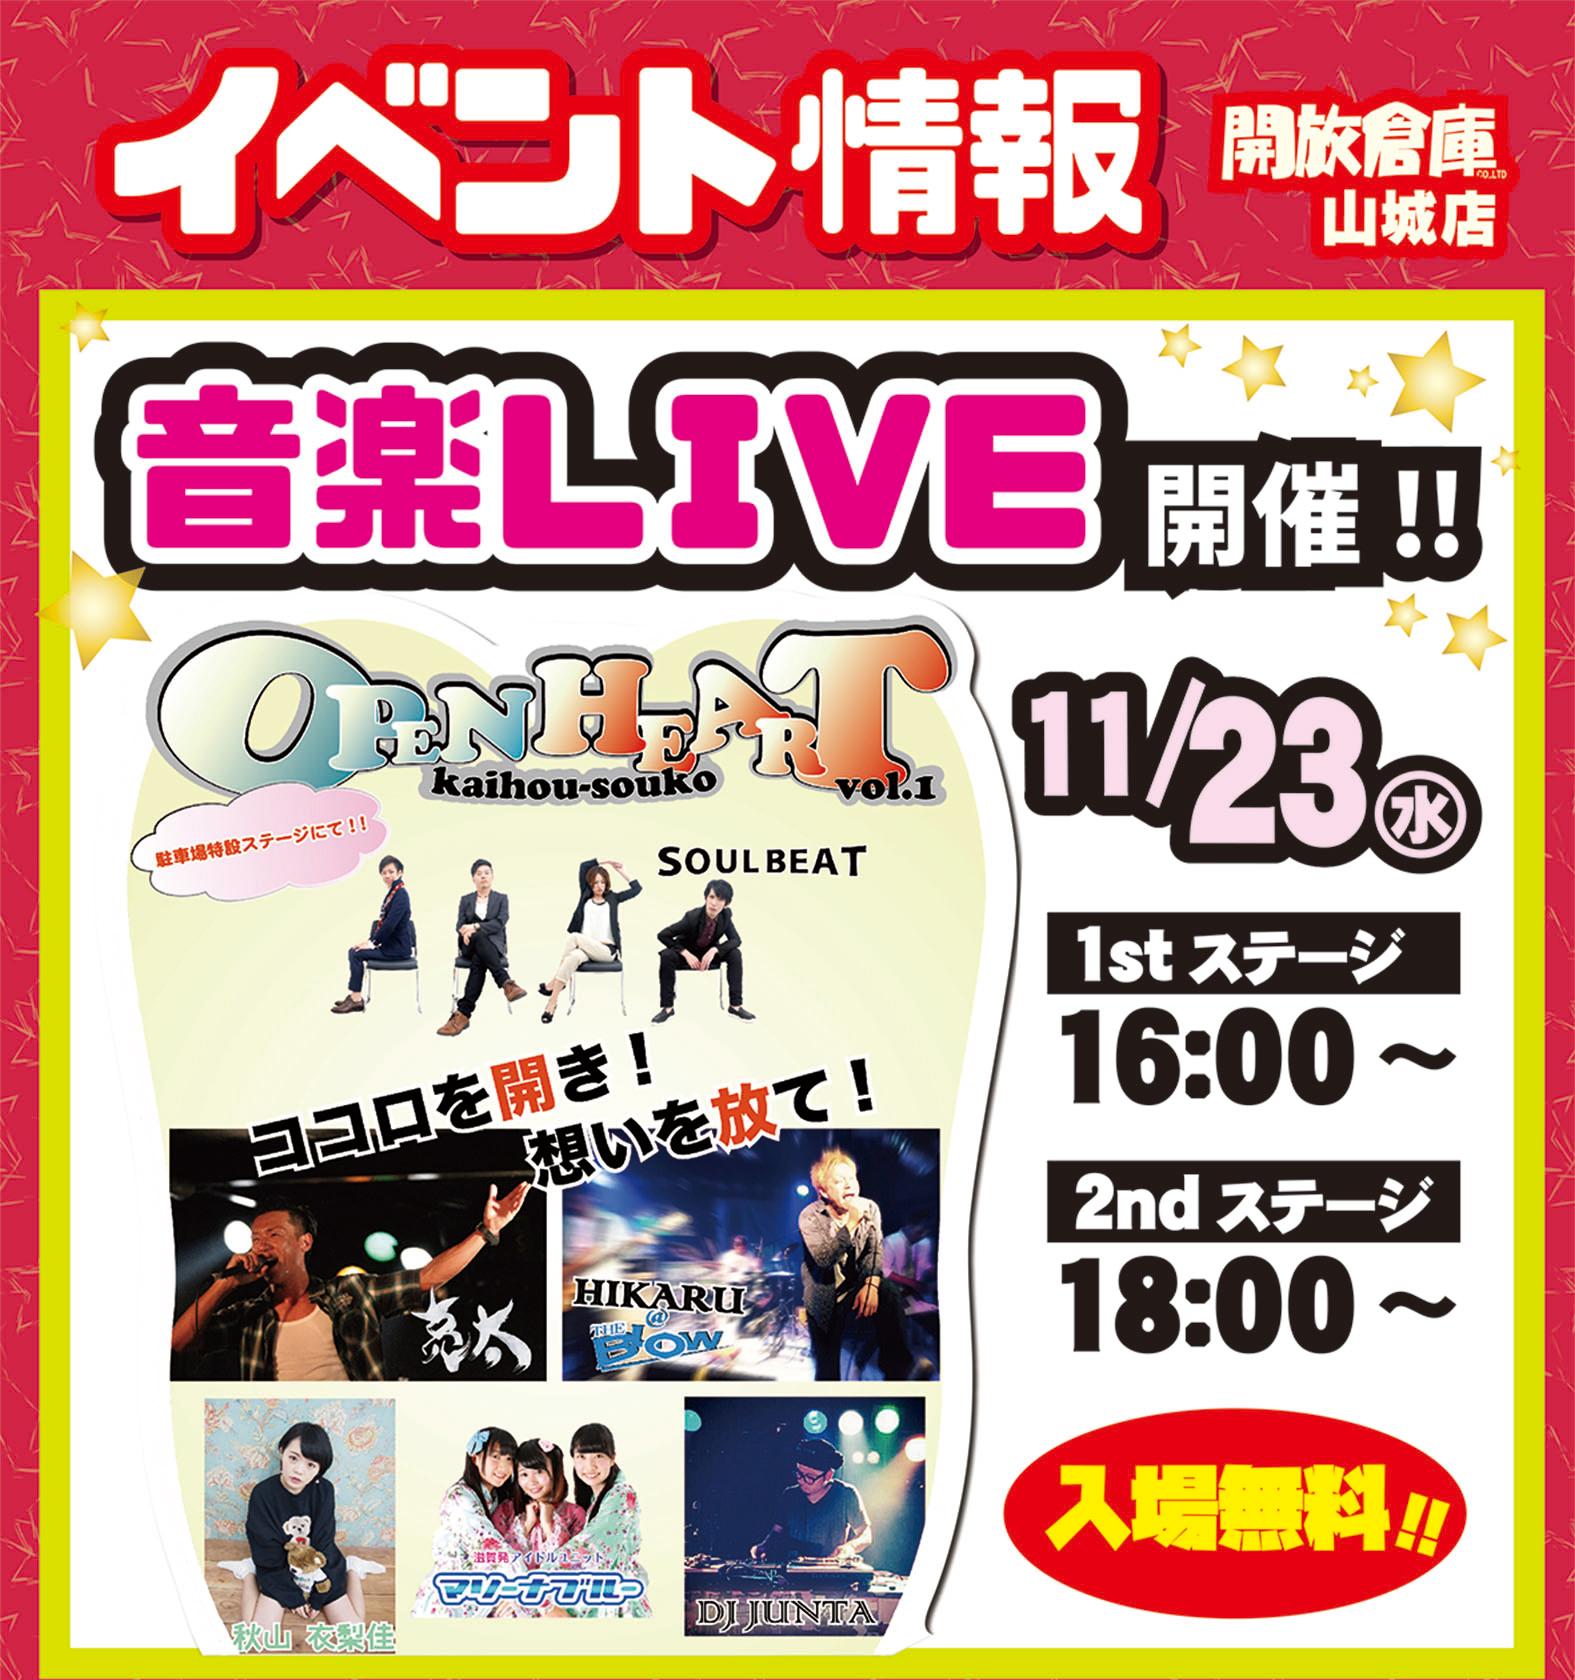 「開放倉庫山城店」イベント情報11月23日(水・祝)音楽LIVE開催!!16:00~